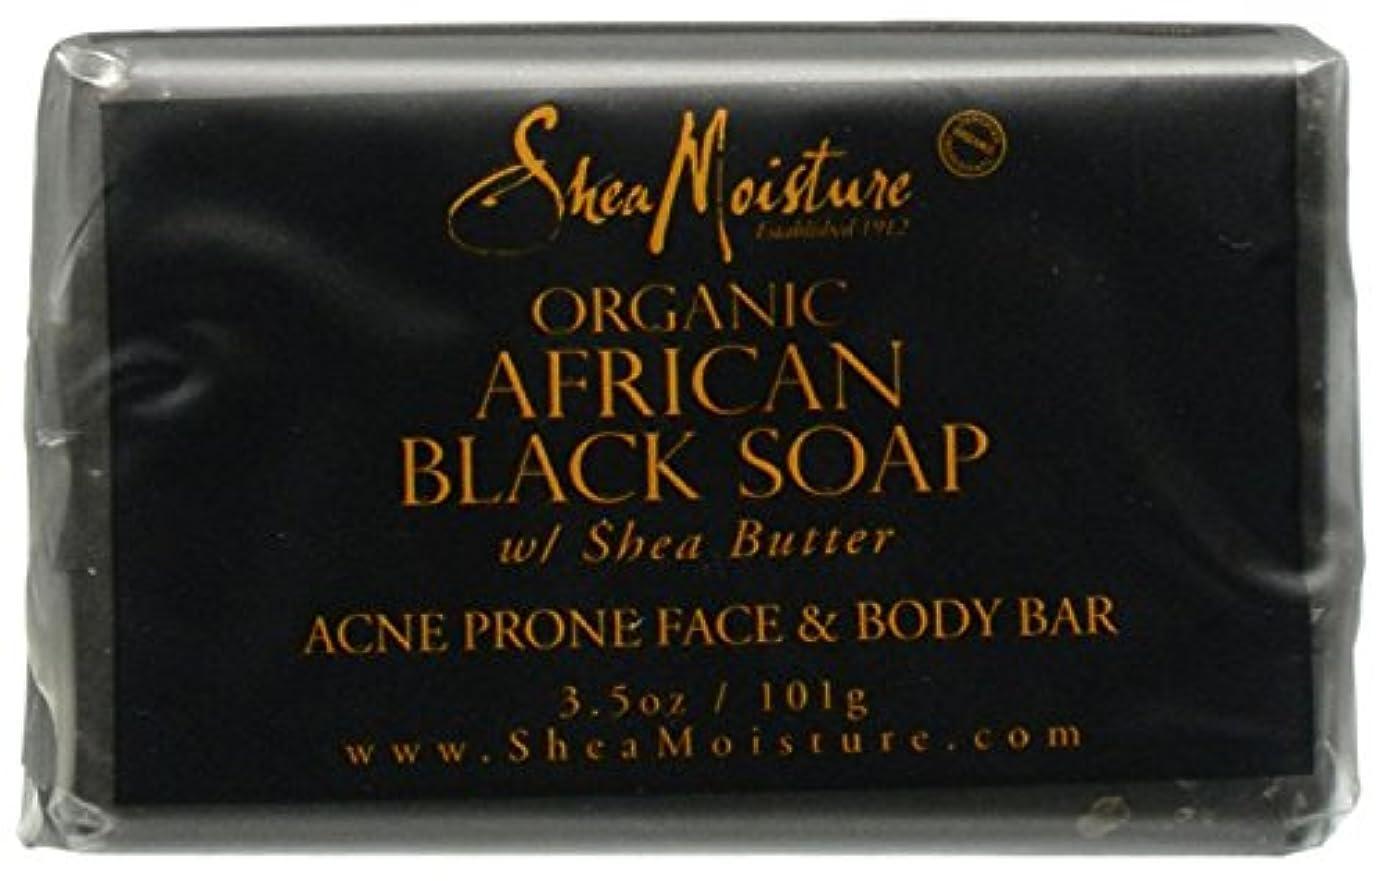 規模レディ余暇Shea Moisture バーソープ (Organic African Black Soap Acne Prone Face & Body)